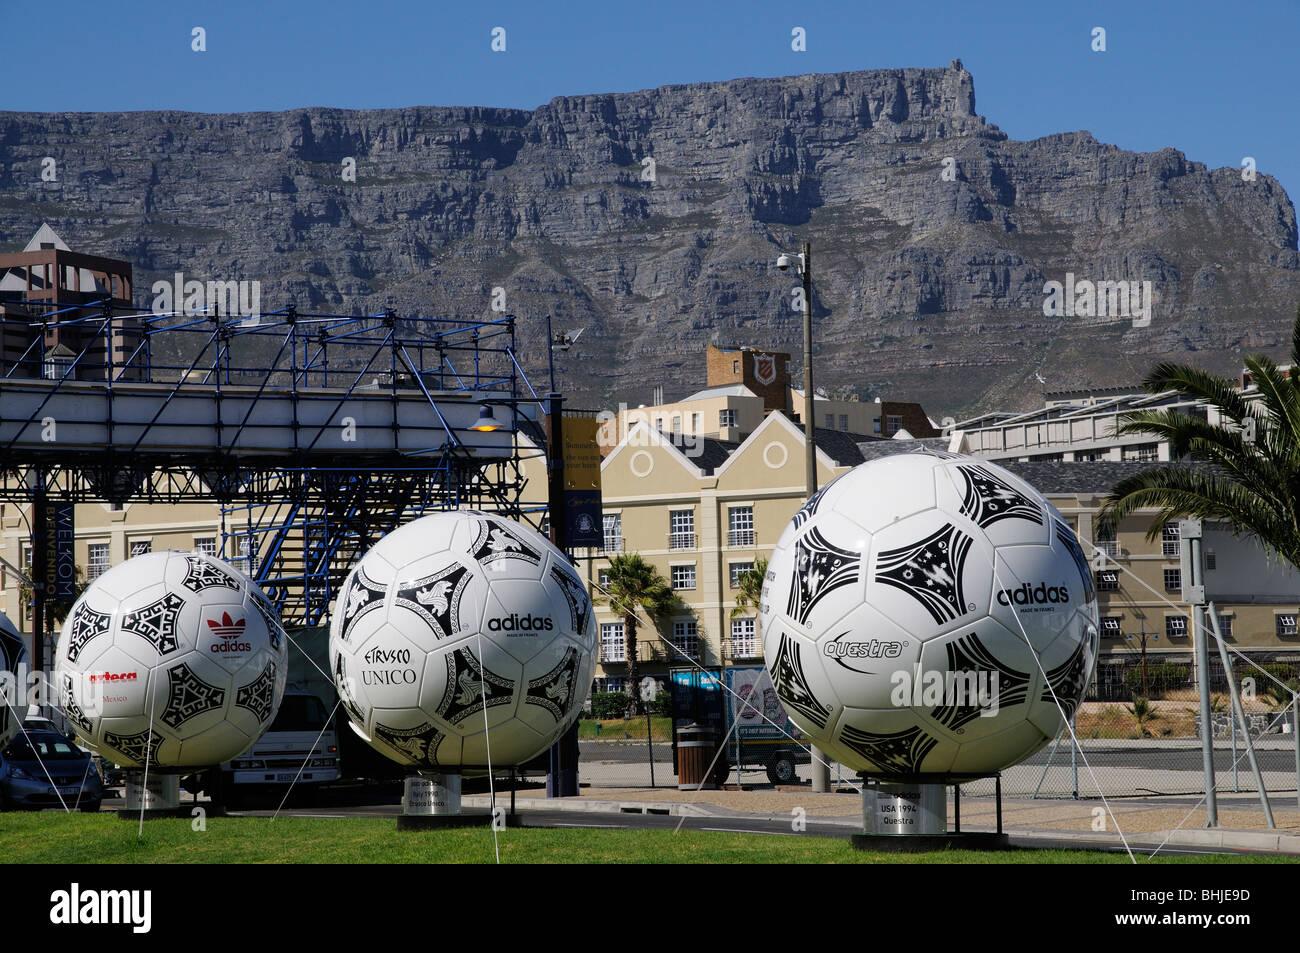 Cape Town Afrique du Sud World Cup 2010 lieu dans la ville de ballons surdimensionnés dominé par la Montagne de la table Banque D'Images